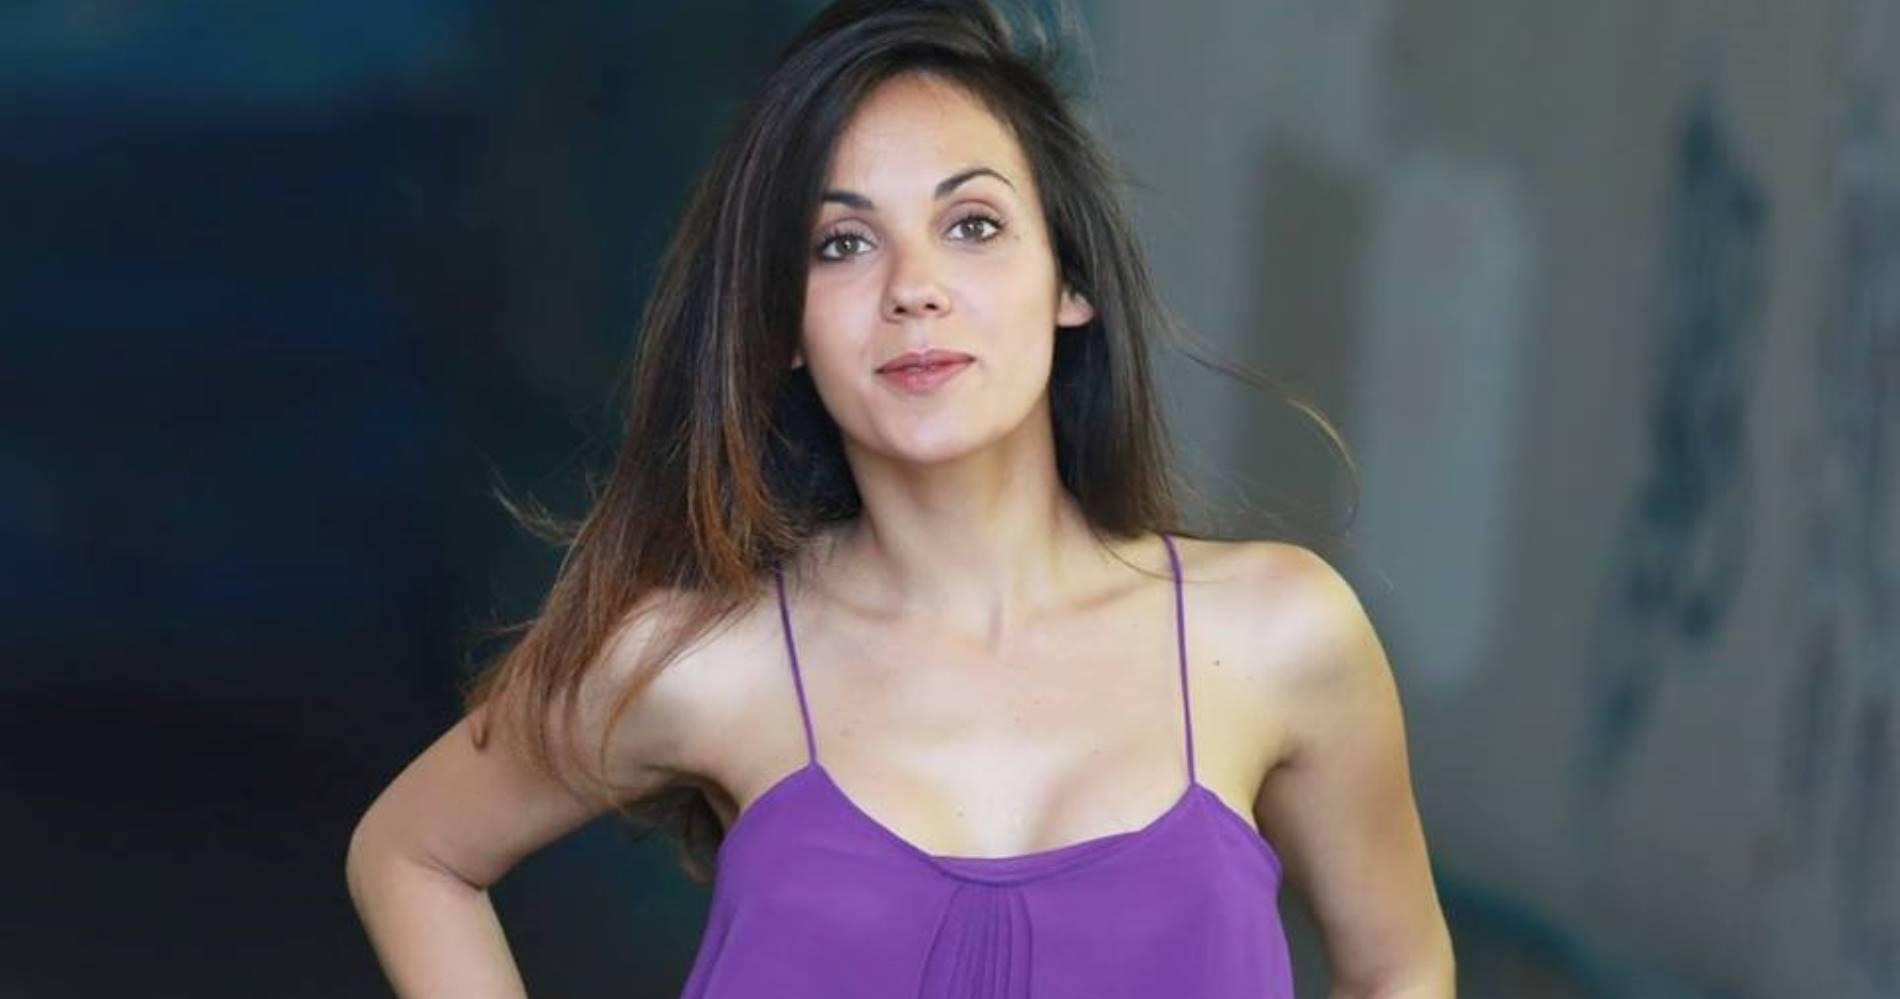 """<span class=""""entry-title-primary"""">Giulia Fiume: """"Dopo 'Don Matteo' a 'Un passo dal cielo'. Punto a un film di Sorrentino""""</span> <span class=""""entry-subtitle"""">L'attrice catanese presenta il personaggio di Adriana Ferrante, new entry di """"Un passo dal cielo 5"""" e si racconta su """"La voce dello schermo""""</span>"""